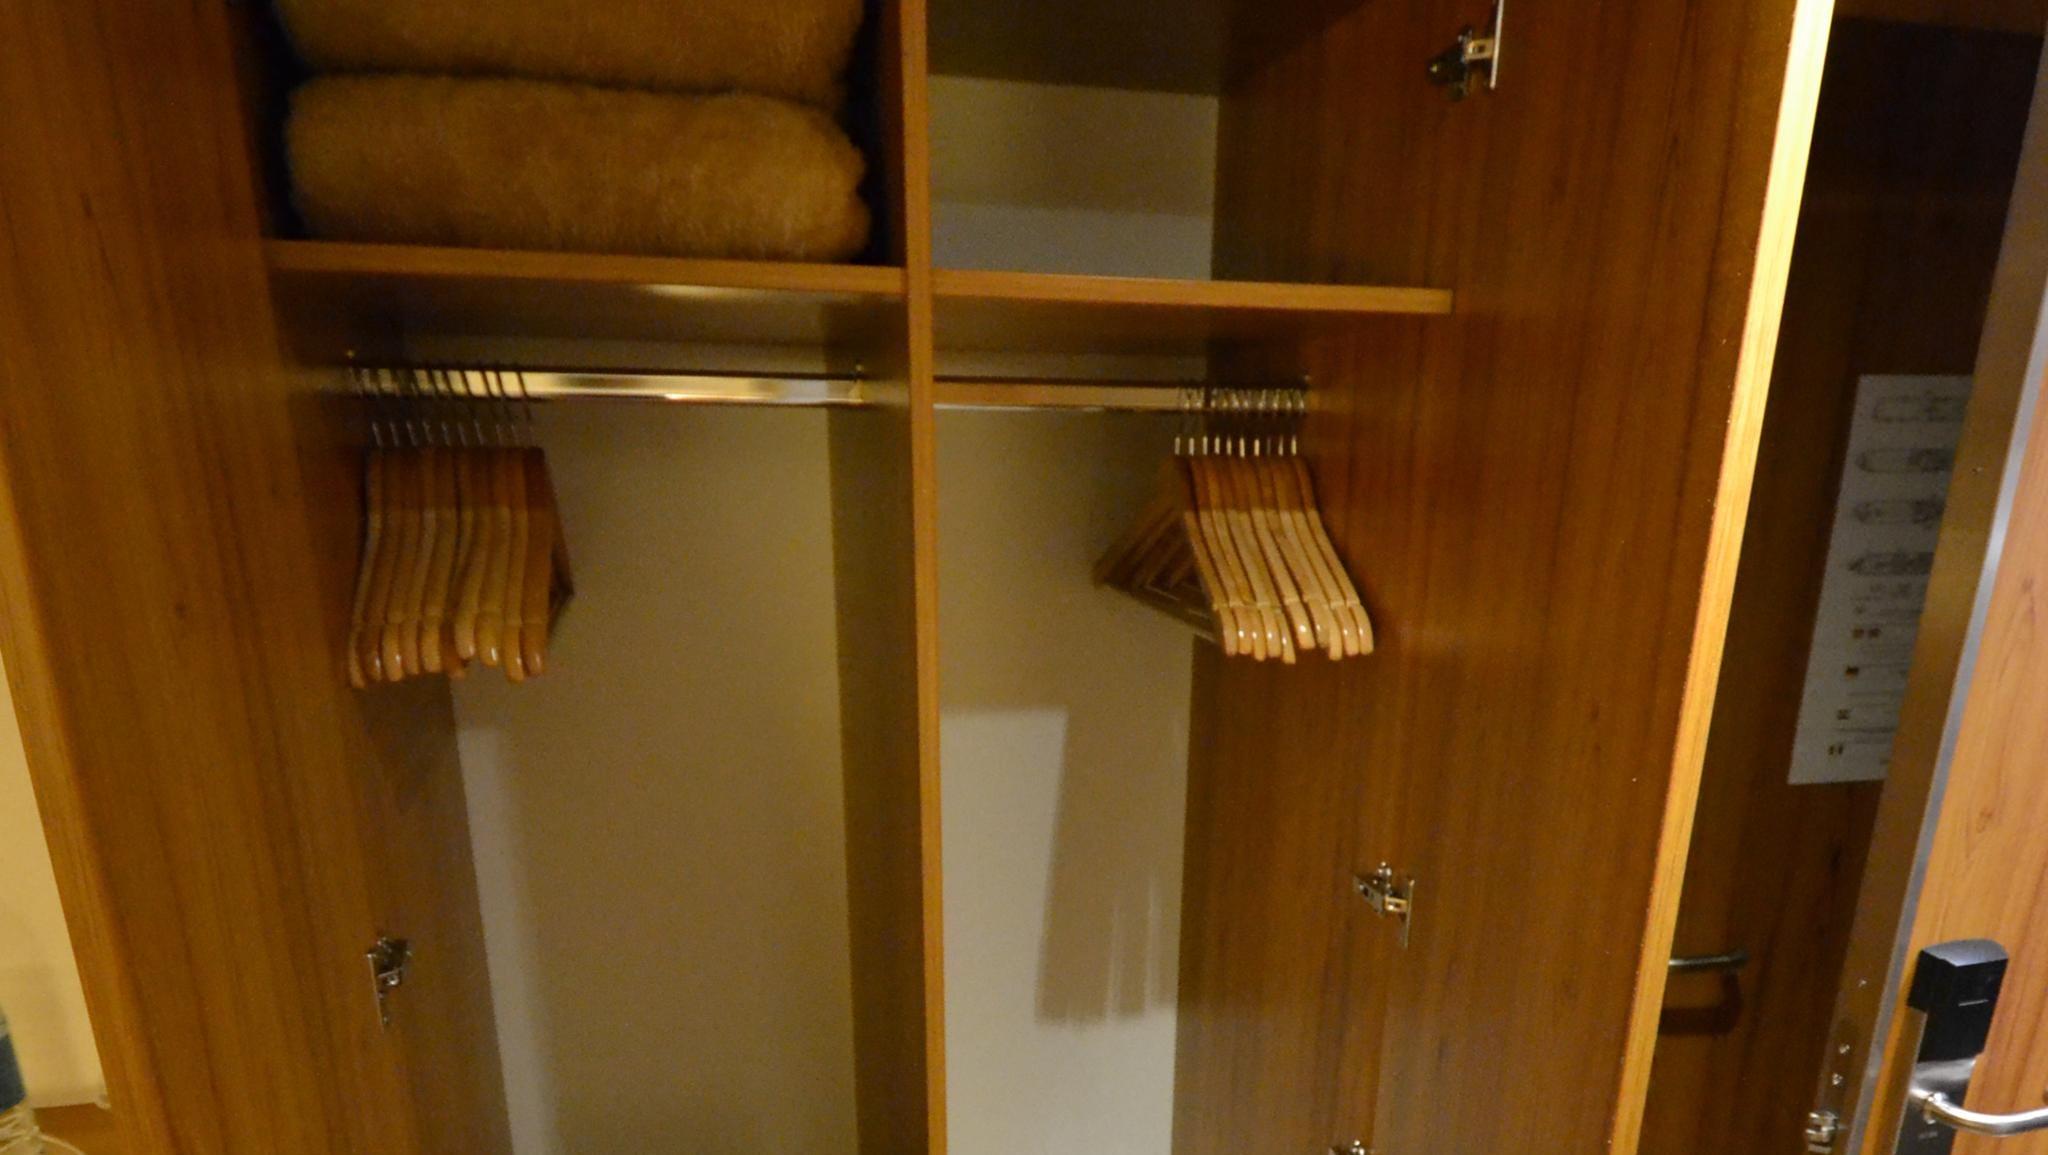 A look inside a standard cabin closet.